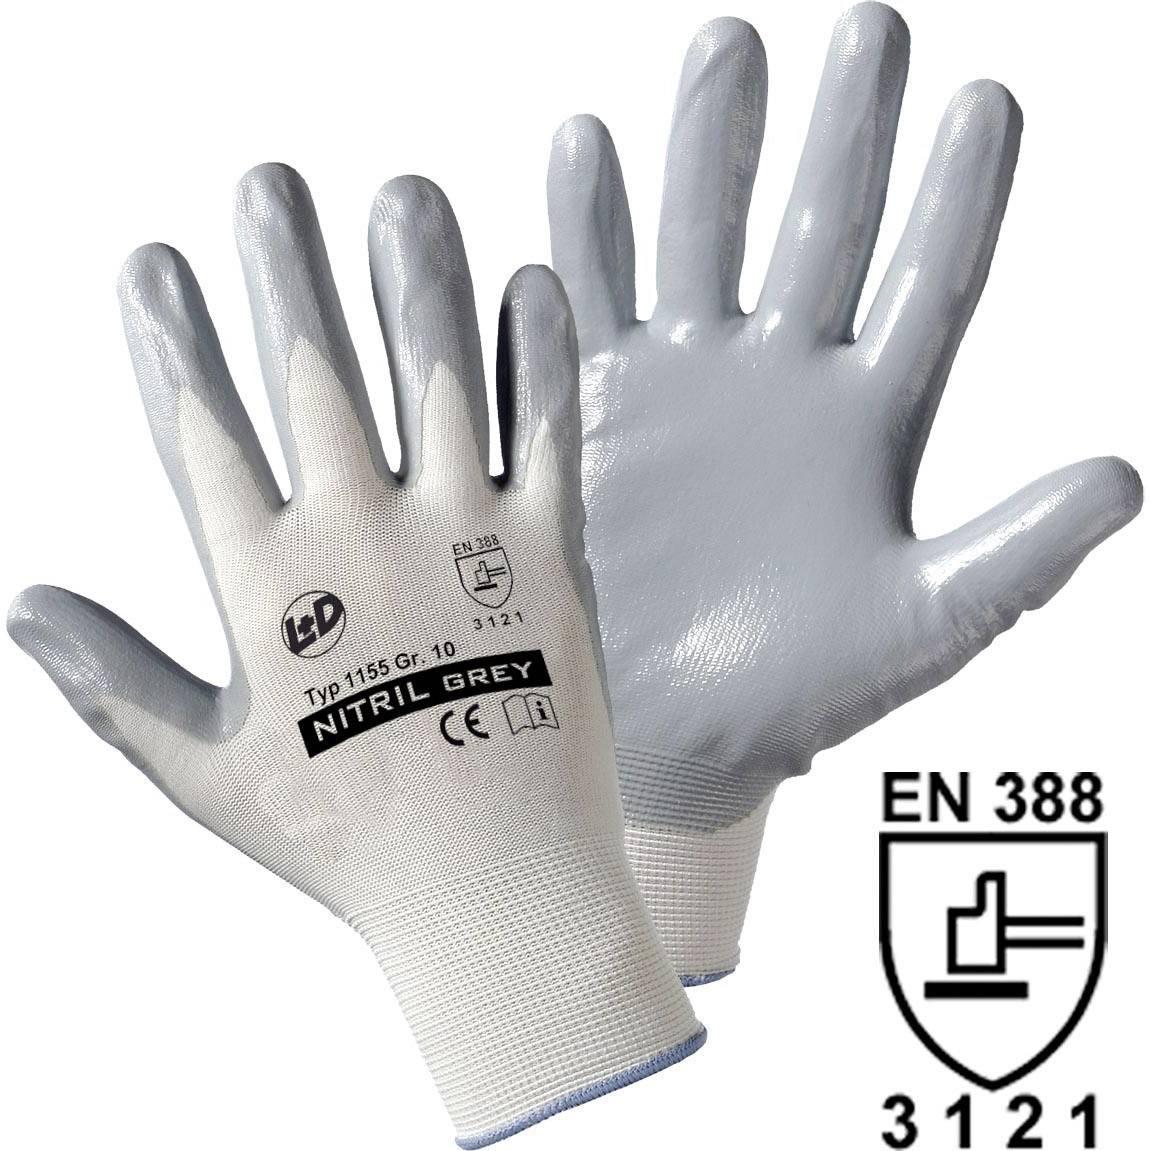 Pracovné rukavice worky Nitril- knitted 1155, velikost rukavic: 8, M